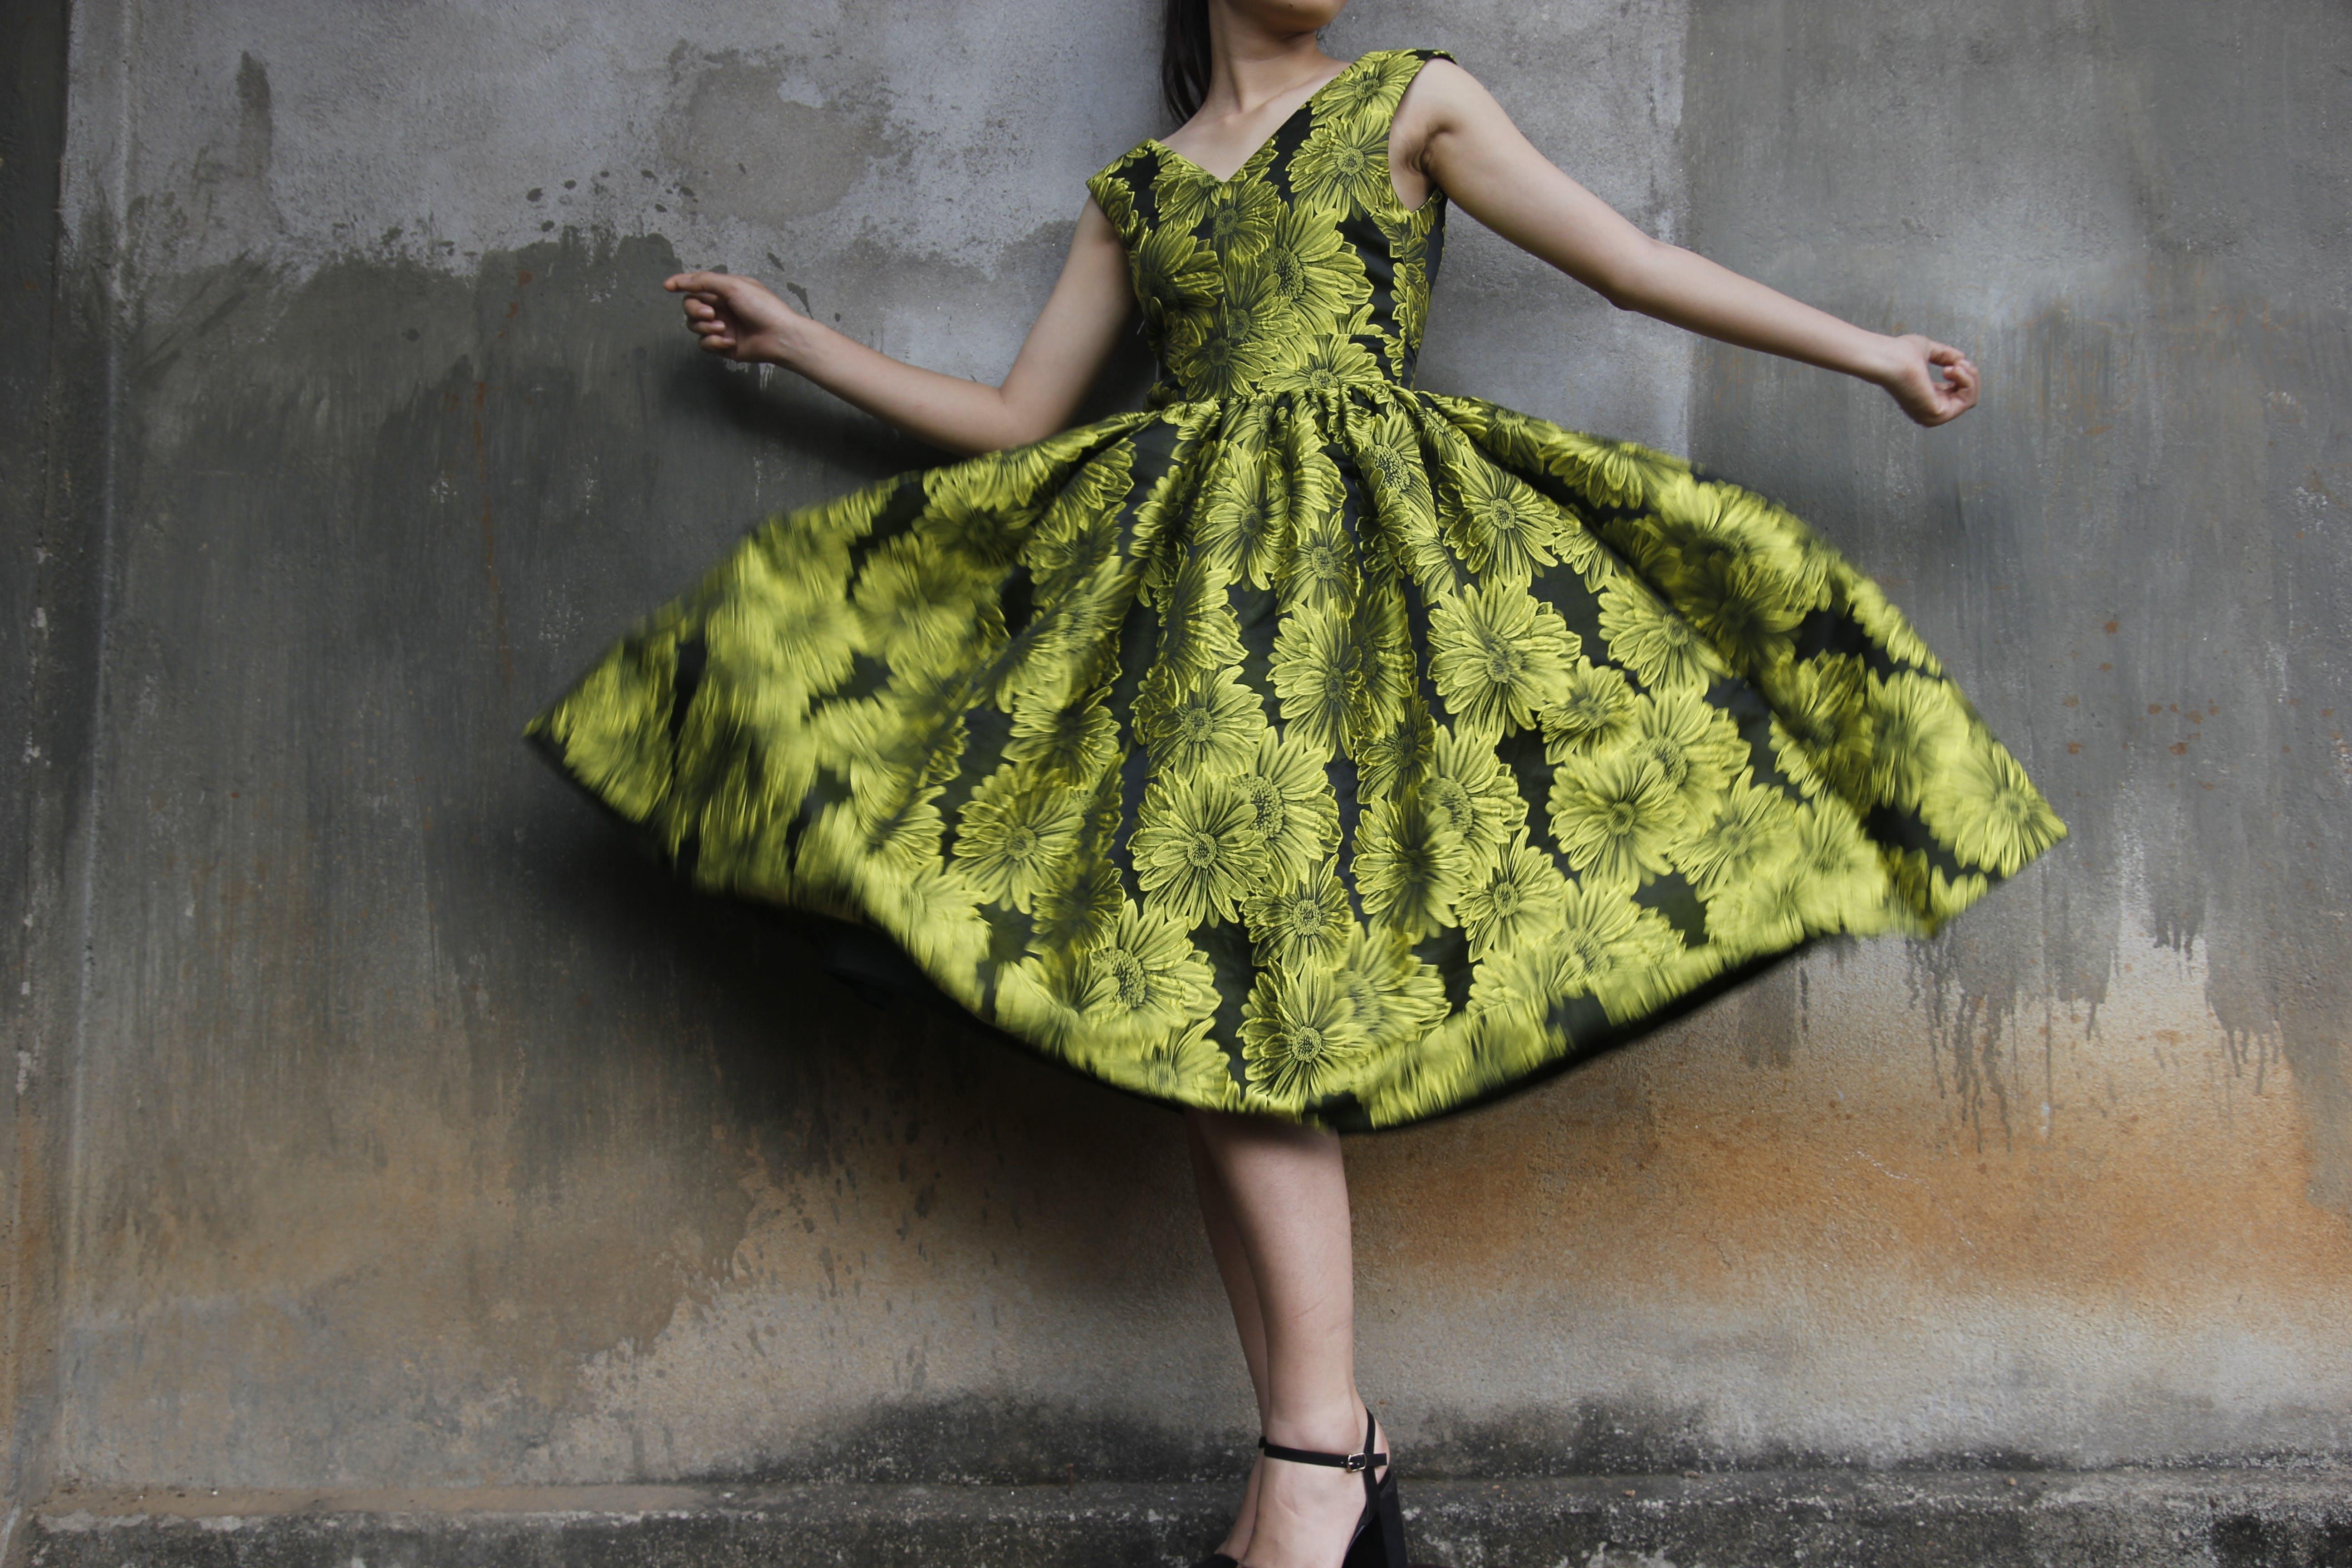 スタイル, ドレス, ファッション, フローラルの無料の写真素材